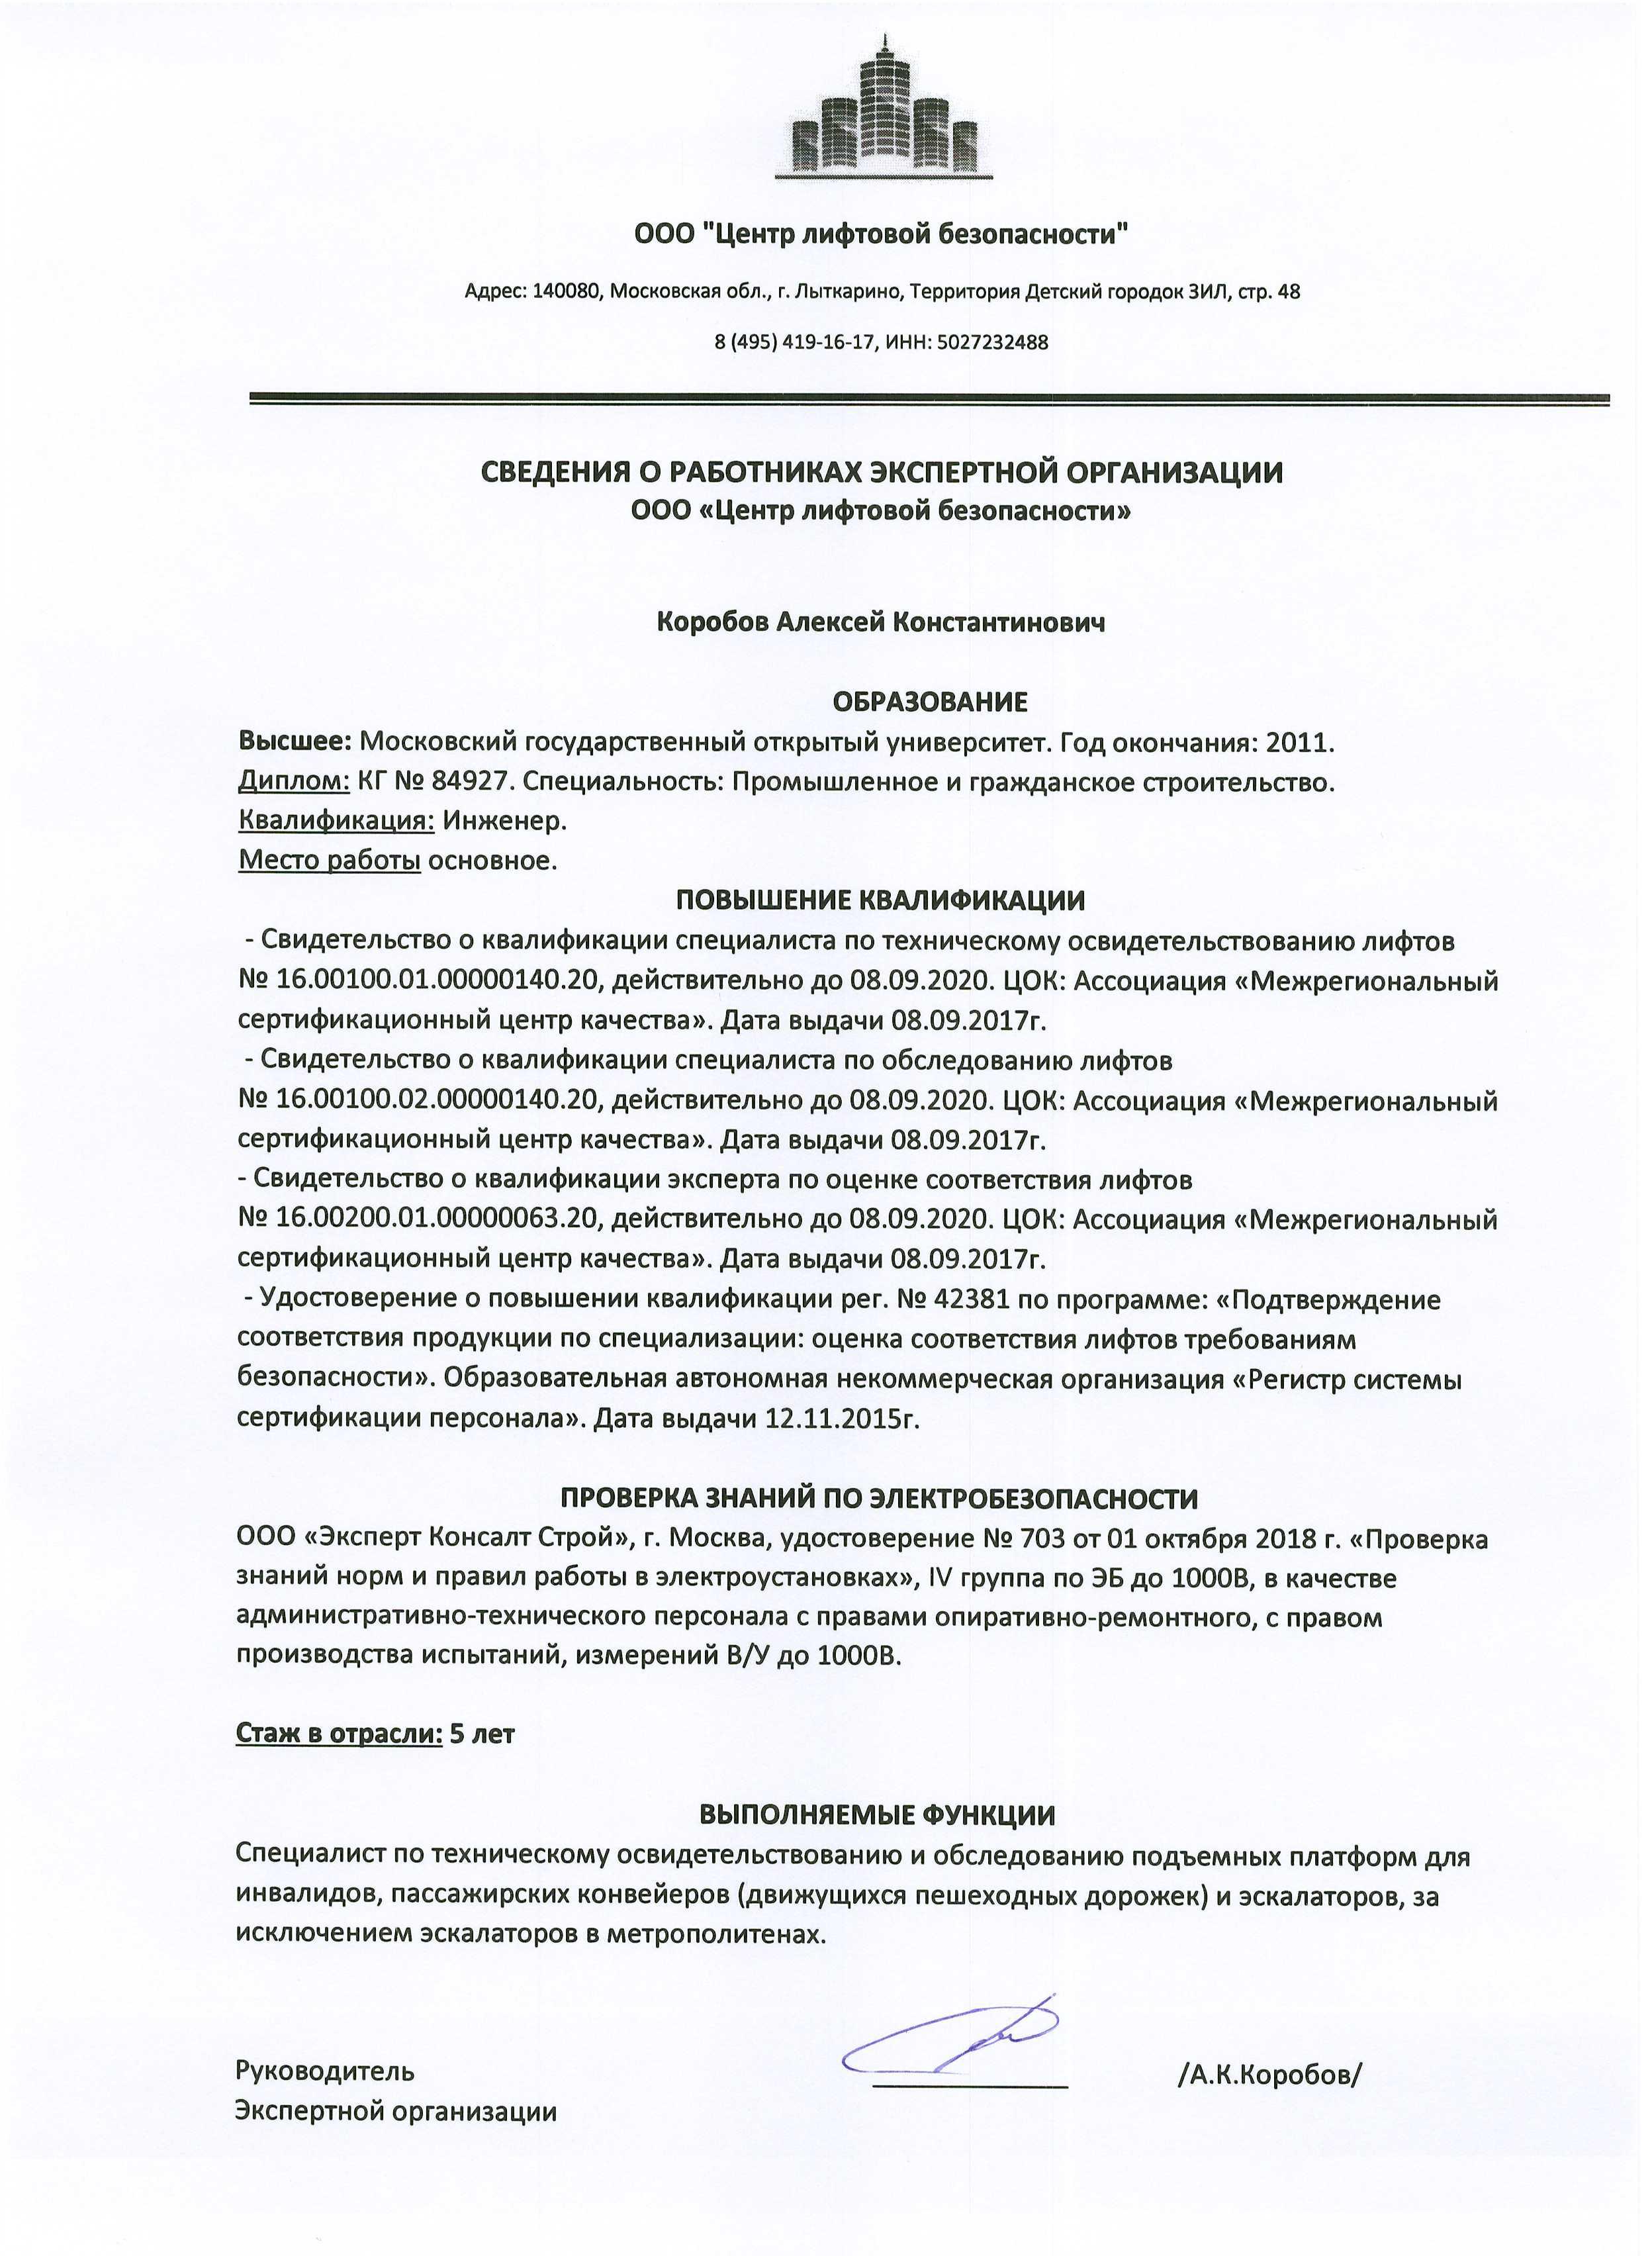 Сведения о работниках Экспертной организации (Коробов)